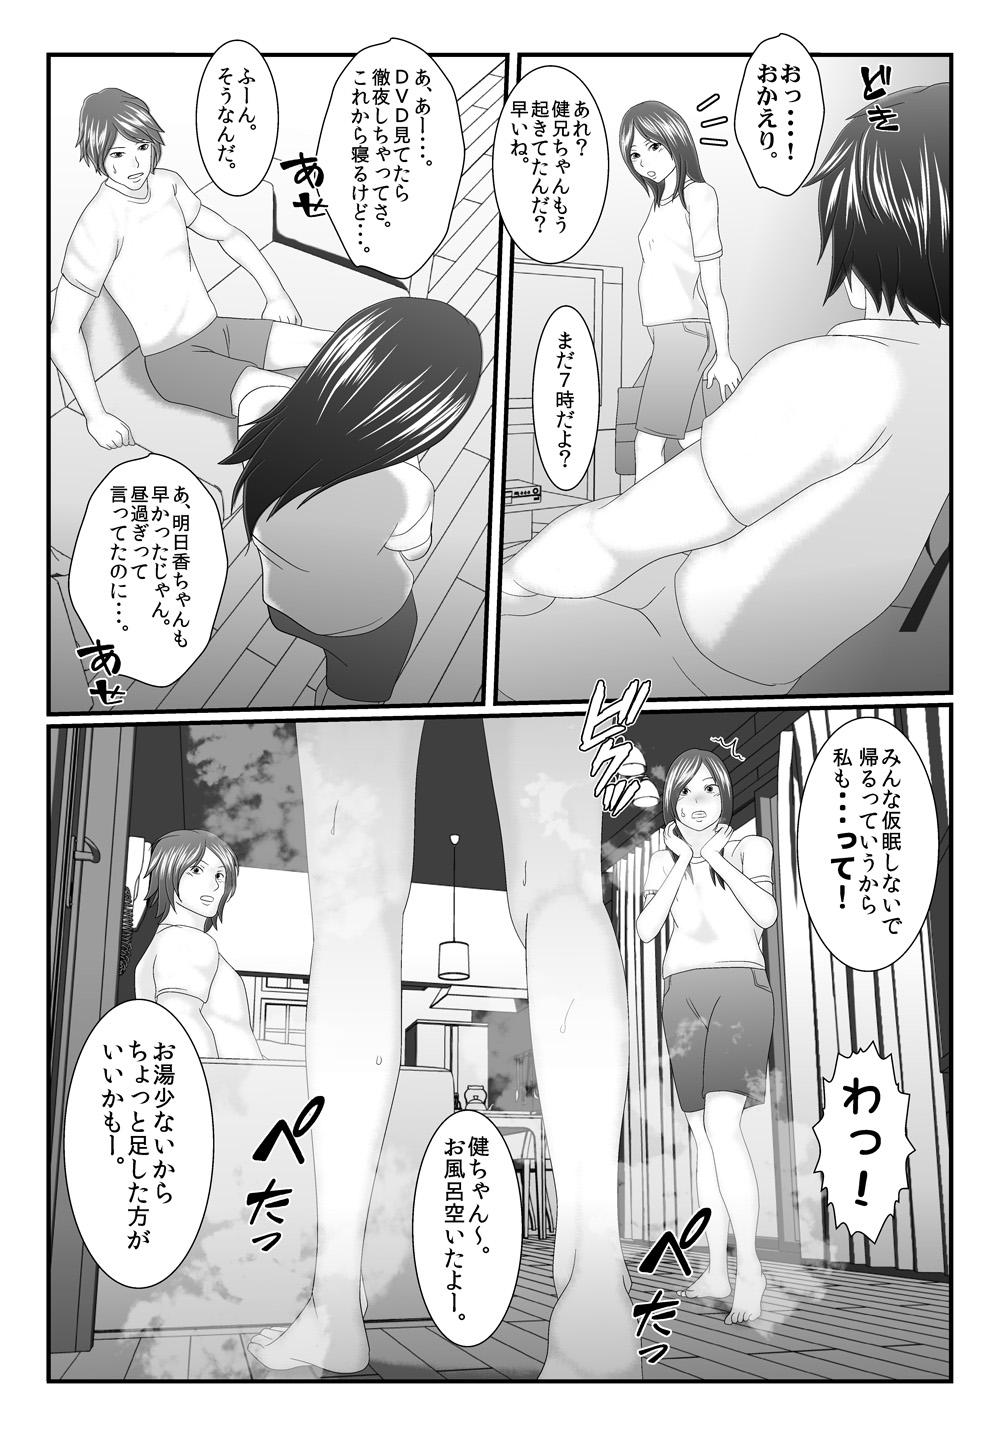 Ore no Juumai ga Razoku de Komaru - Ero Juukei × Juumai 52